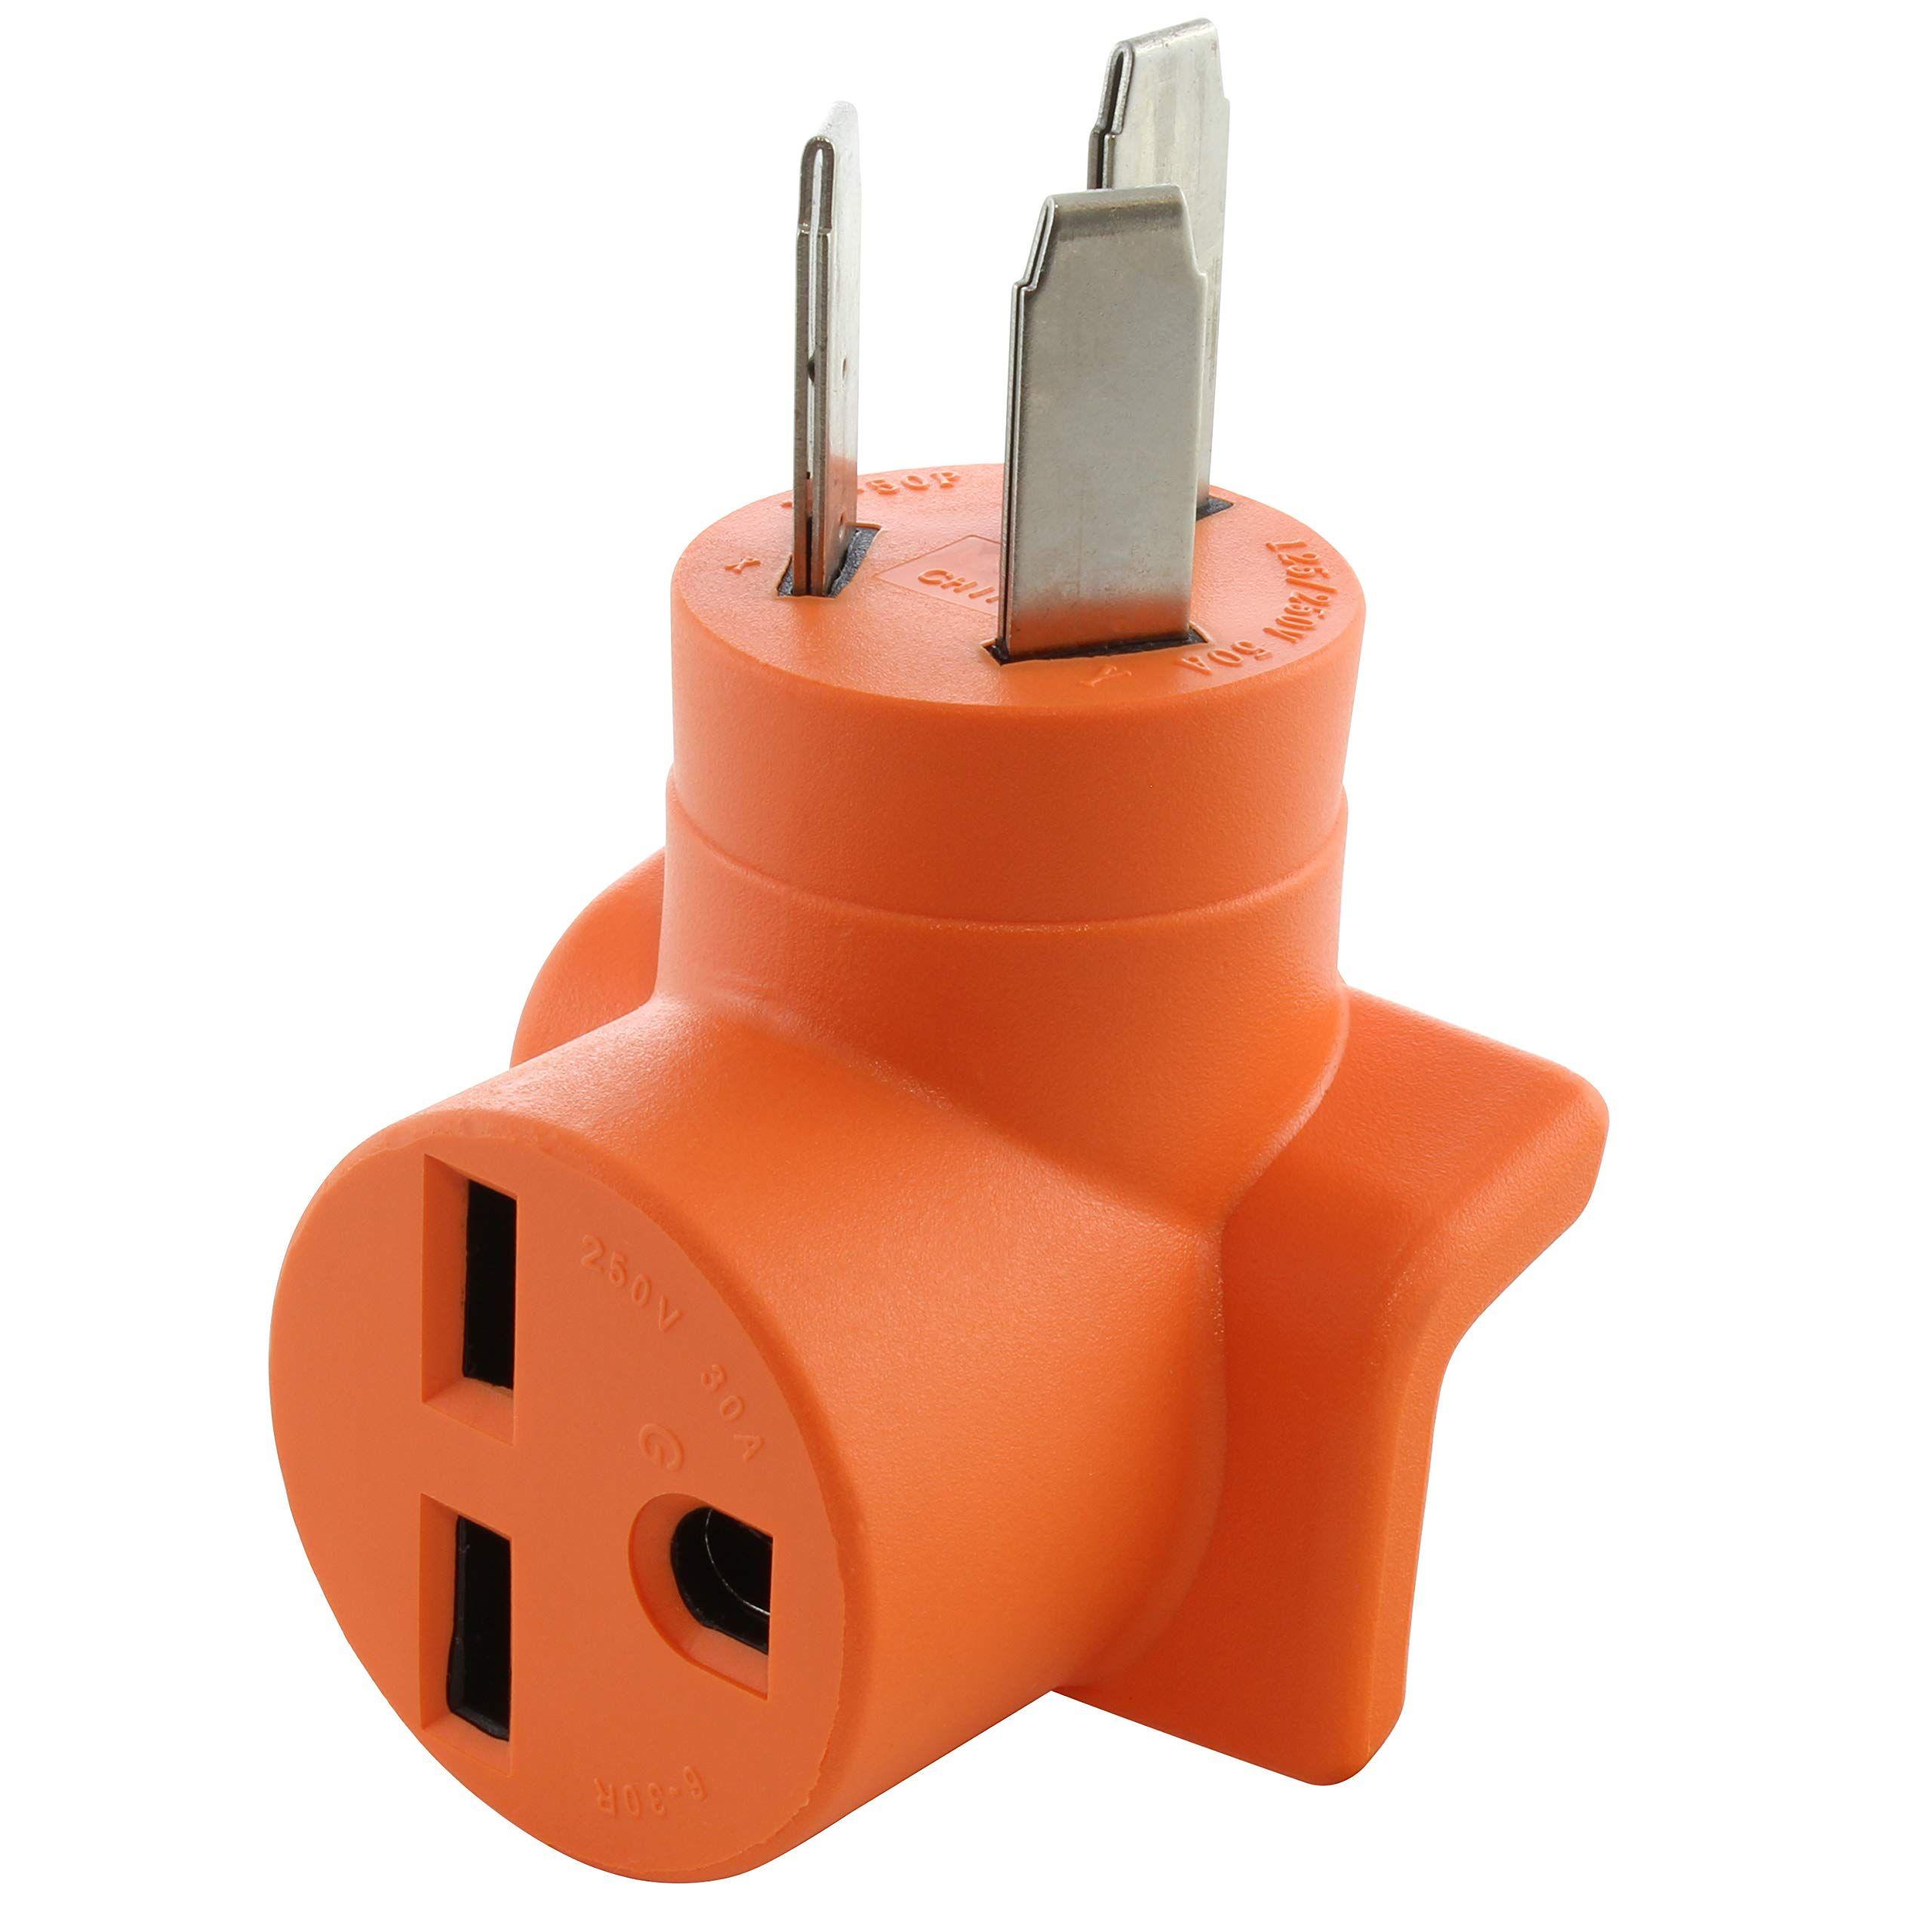 Pin On Electrical Plugs